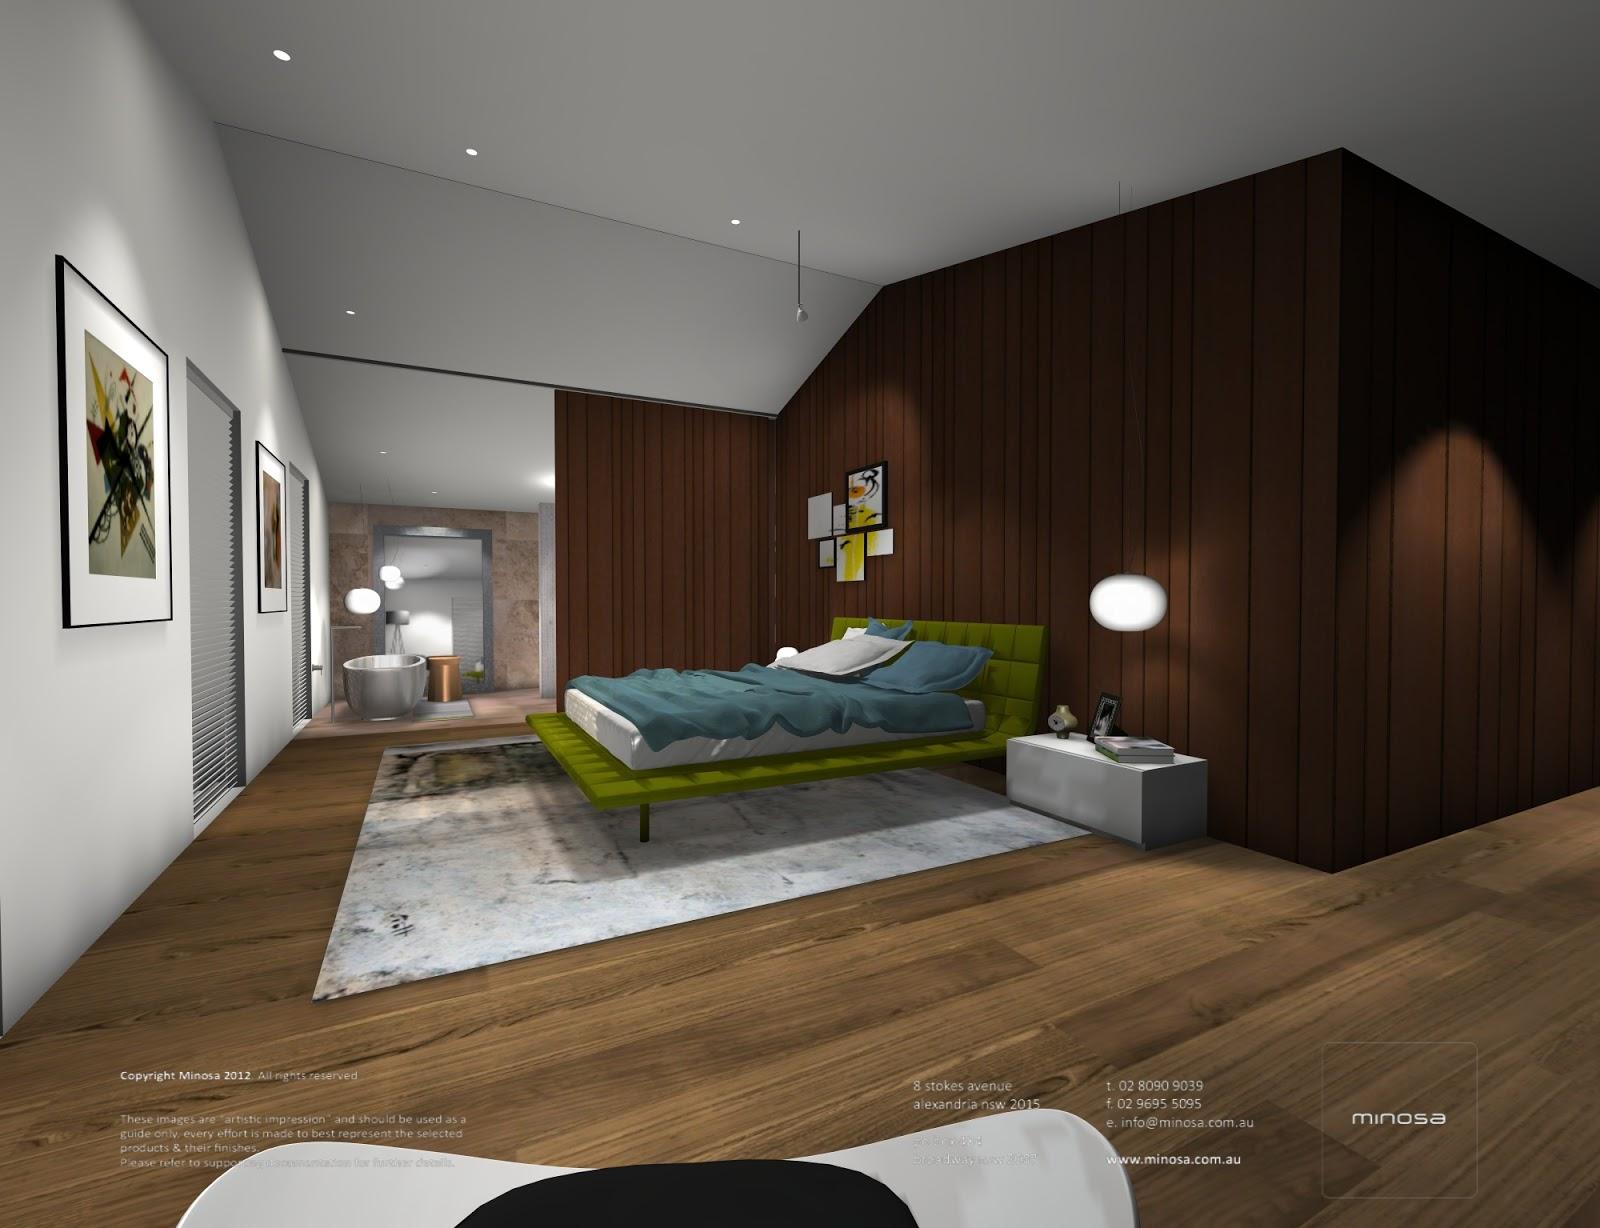 En Suite Bathroom Designs: Minosa: The Open Plan Ensuite Or Parents Retreat- A Few Tips